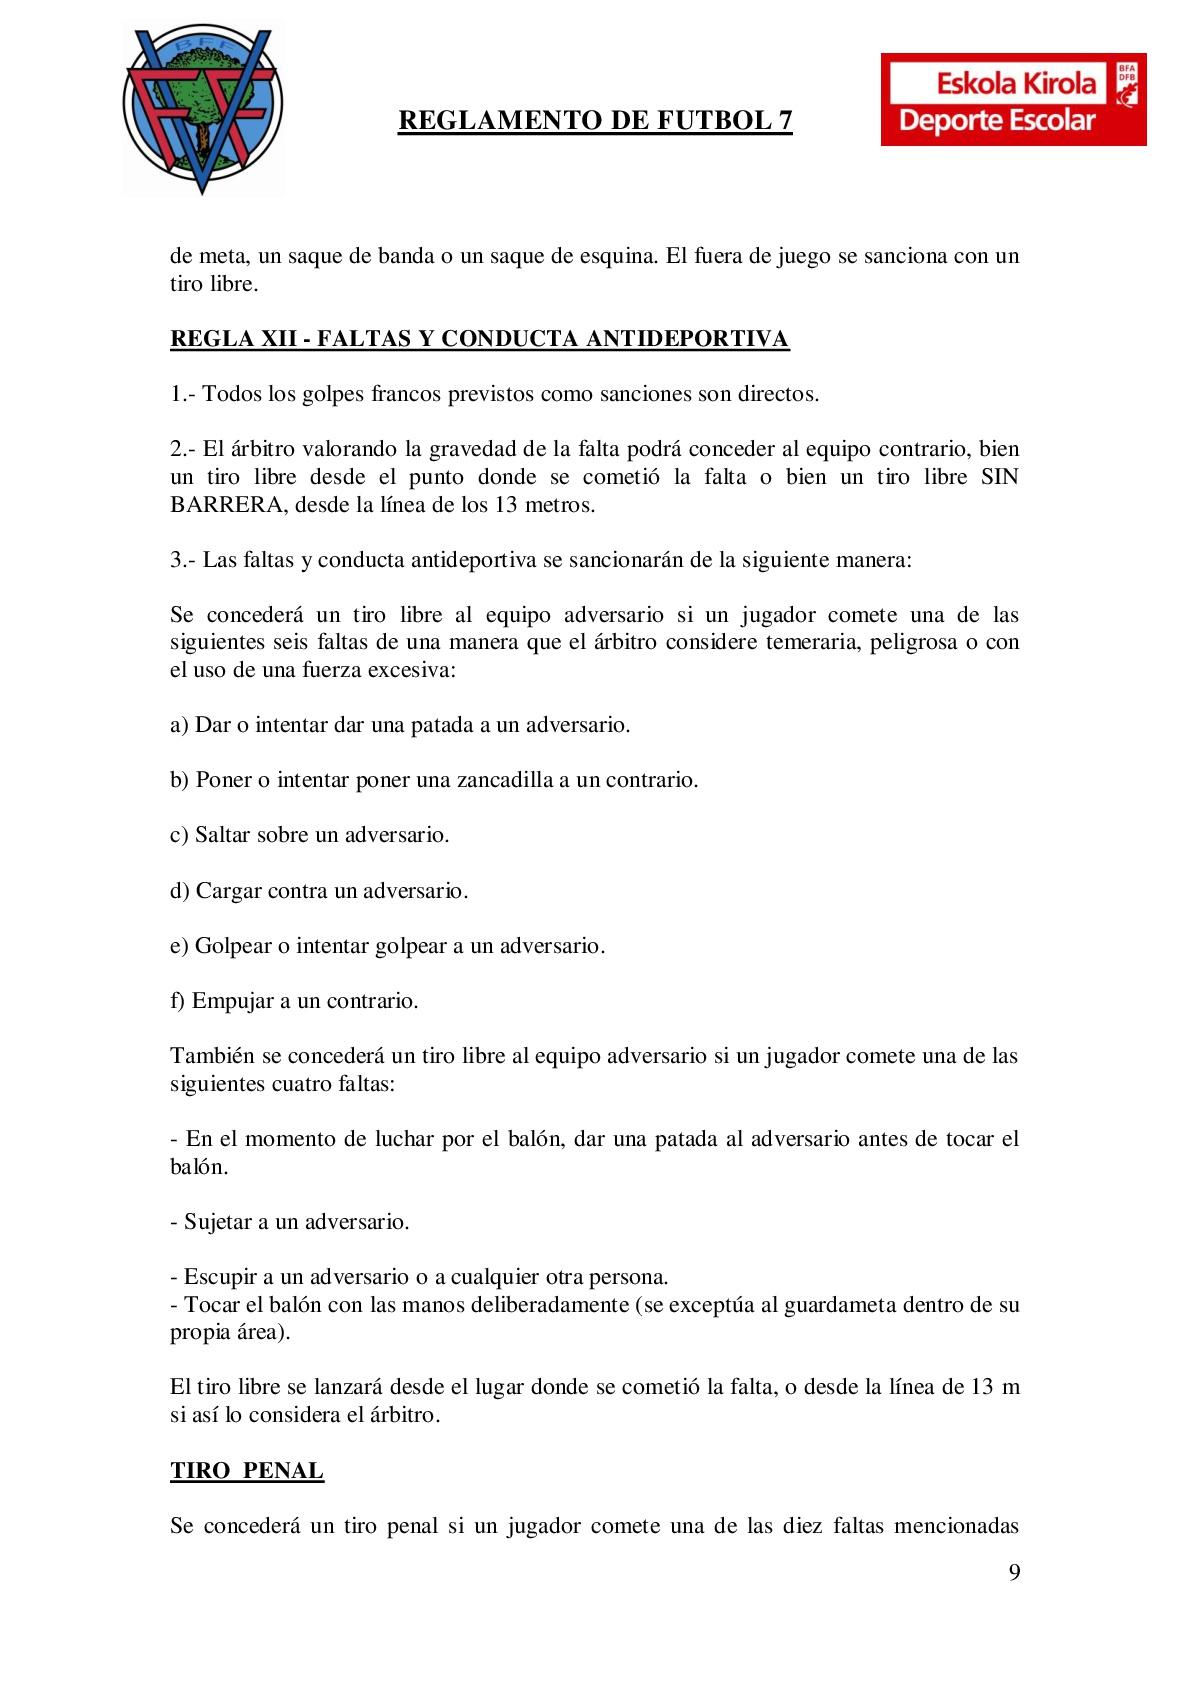 Reglamento-F7-009